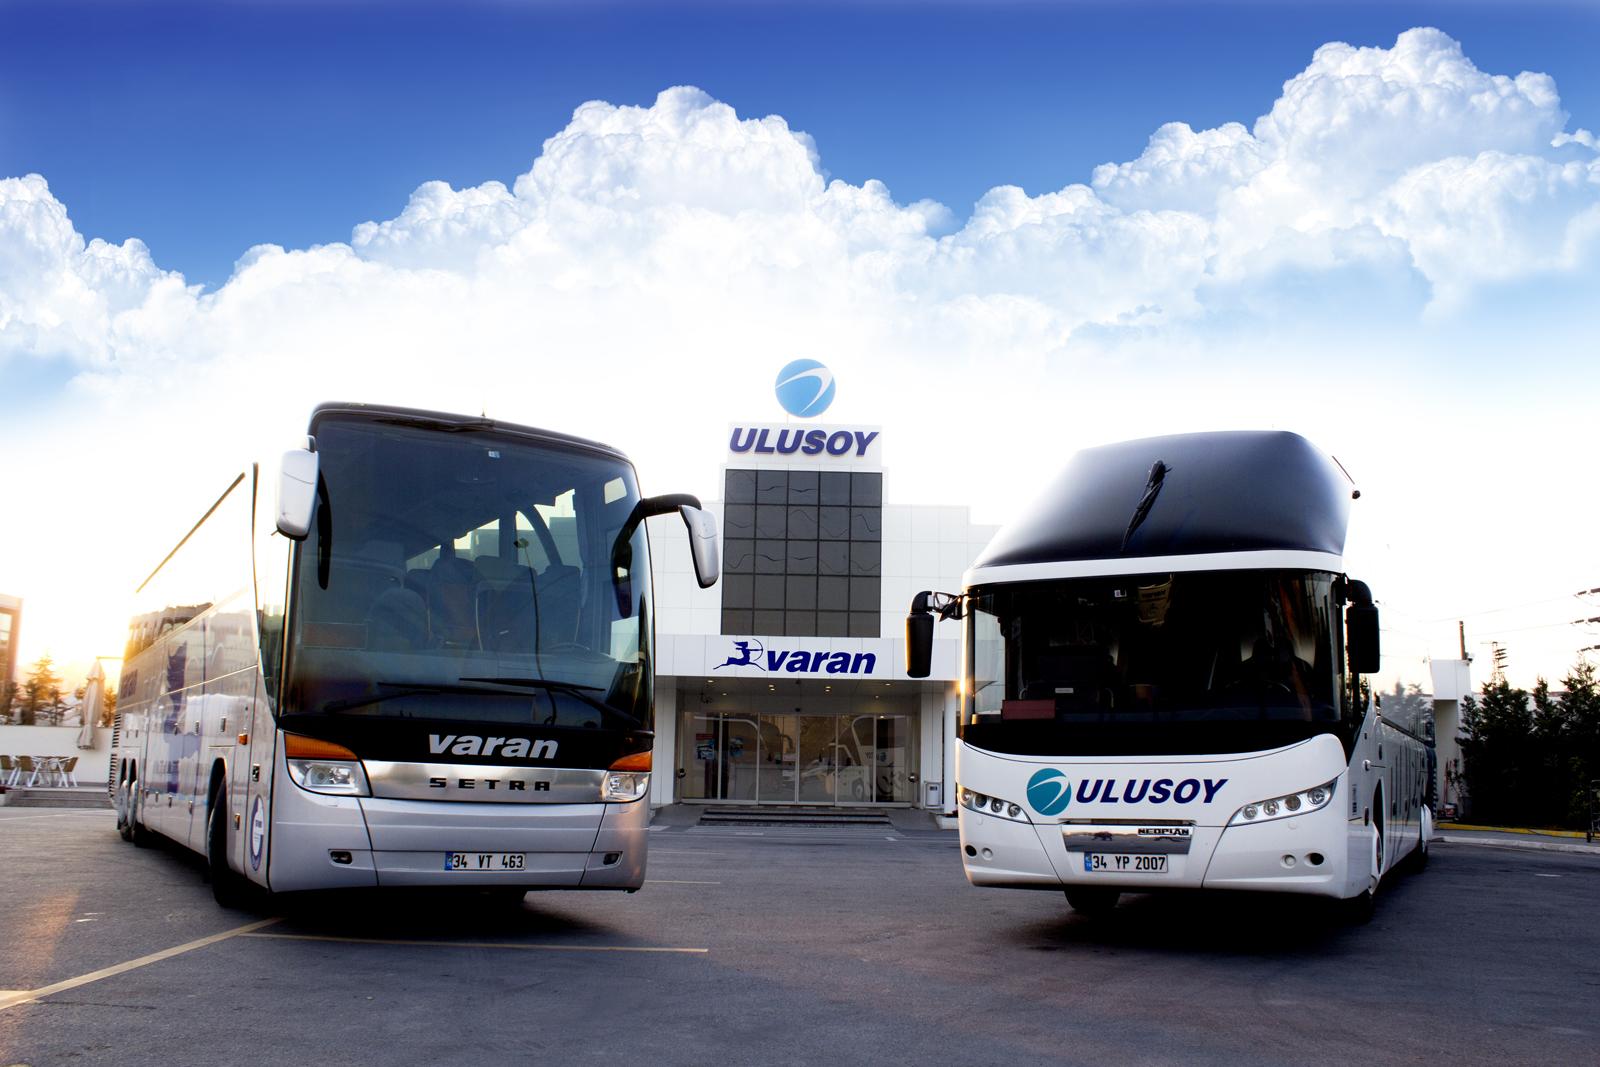 Ulusoy ve Varan güvenli seyahatten ödün vermiyor